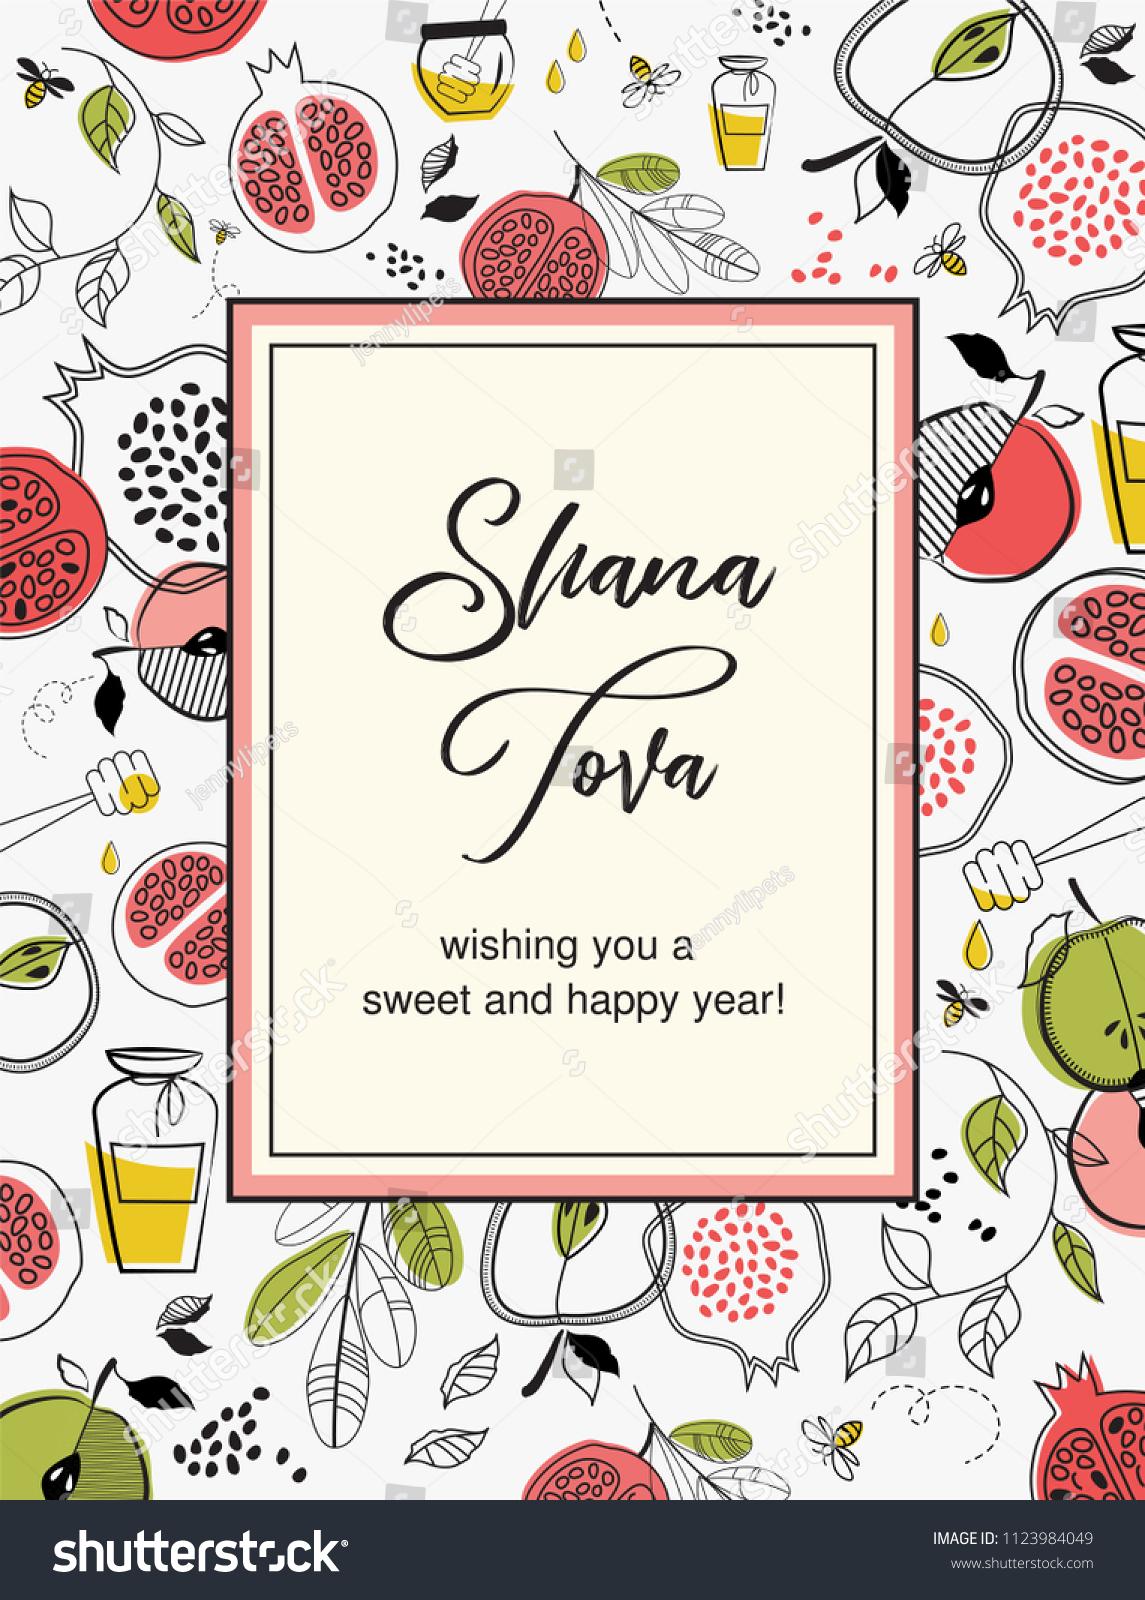 Shana Tova Card Rosh Hashanah Greeting Stock Vector Royalty Free